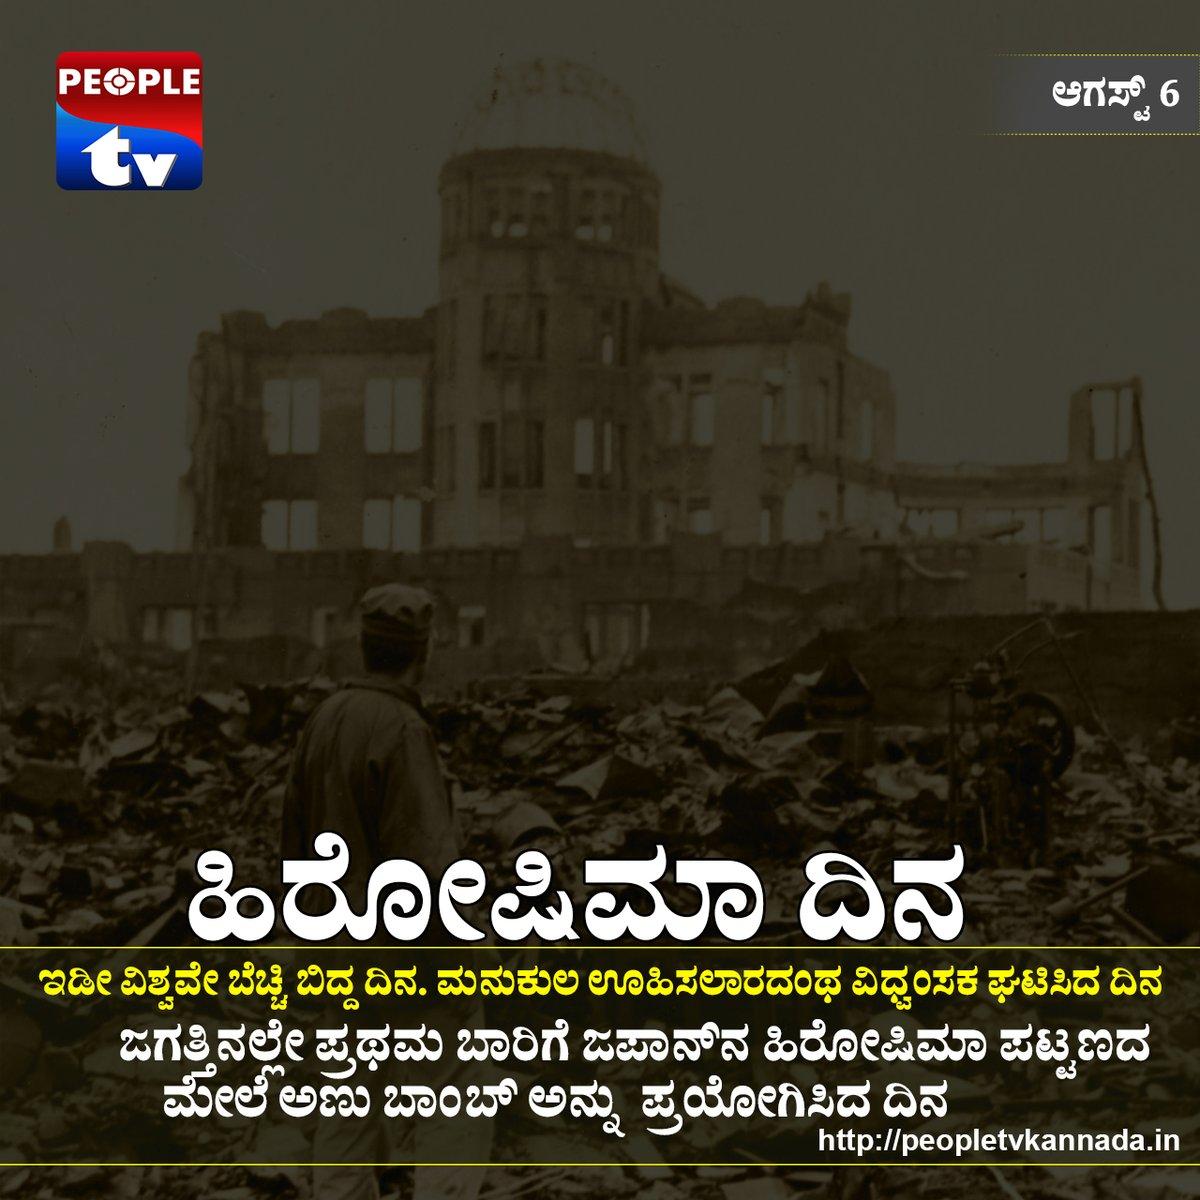 ಹಿರೋಷಿಮಾ ದಿನ #PeopletvKannada #peopletvLive #peopletv #KannadaNewsChannel #LatestNews #LatestKannadaNews #Kannada #News #KarnatakaCoronaUpdatepic.twitter.com/oVYek5zsJc